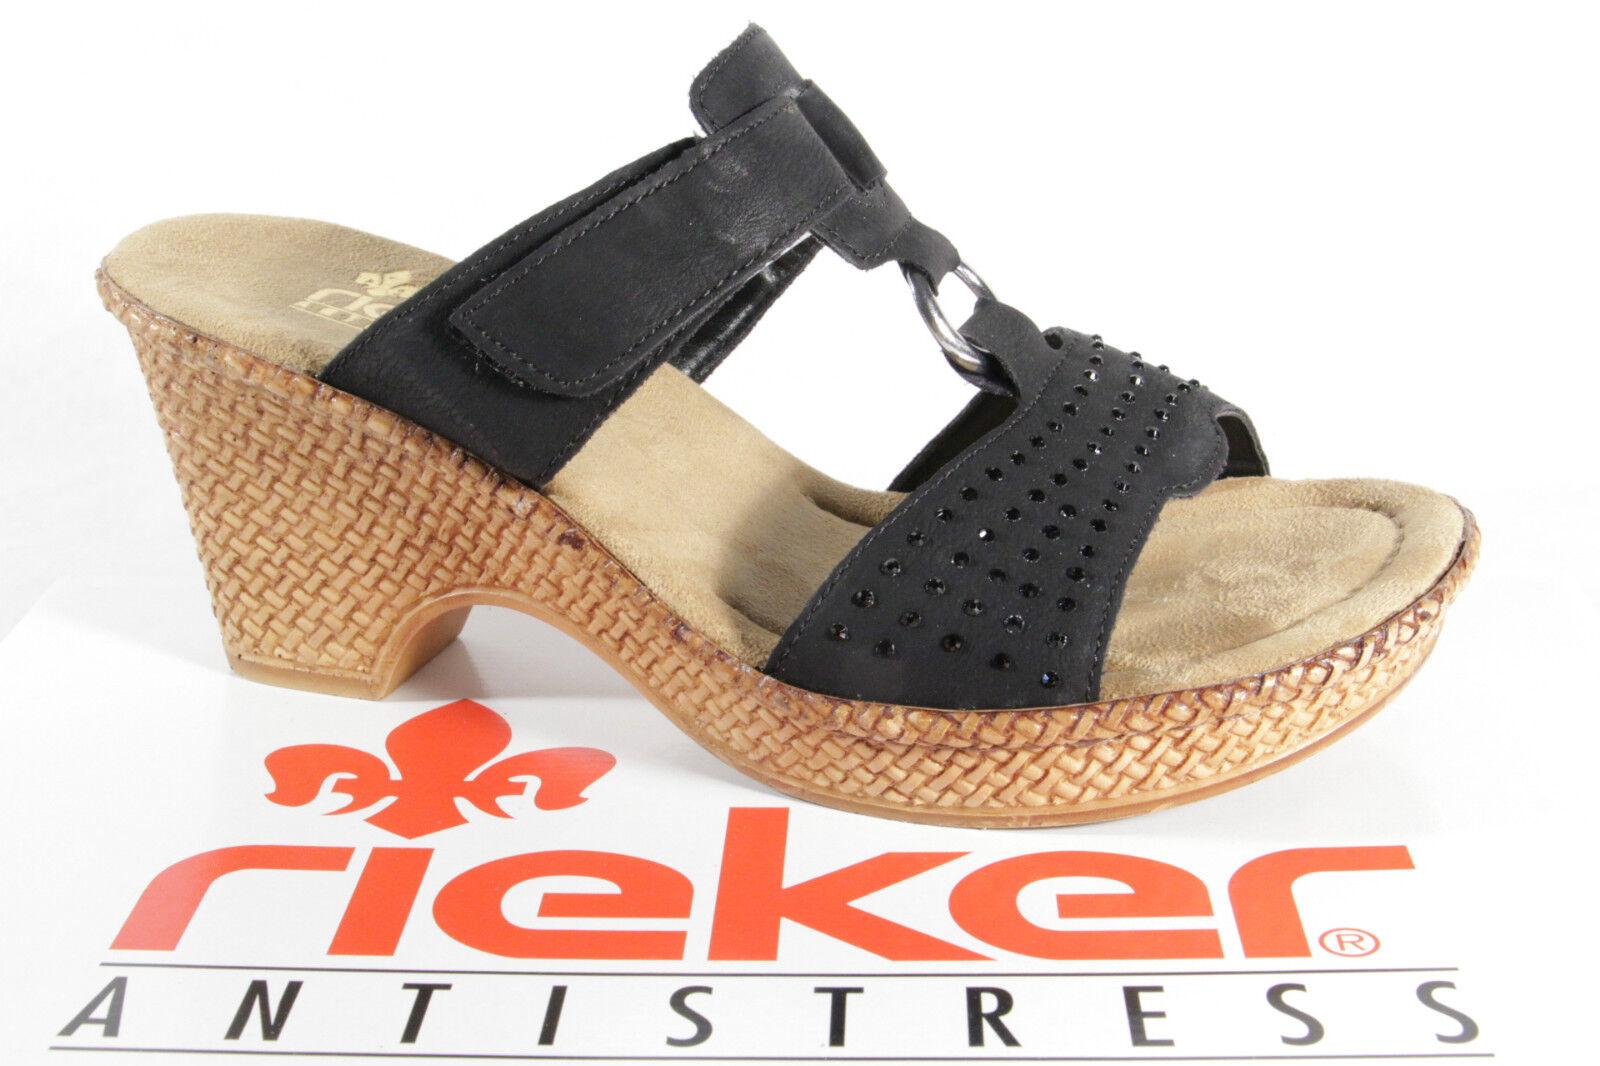 Rieker Zapato Abierto Negro, Suave Suela Interior, Cierre Adhesivo 66082 Nuevo